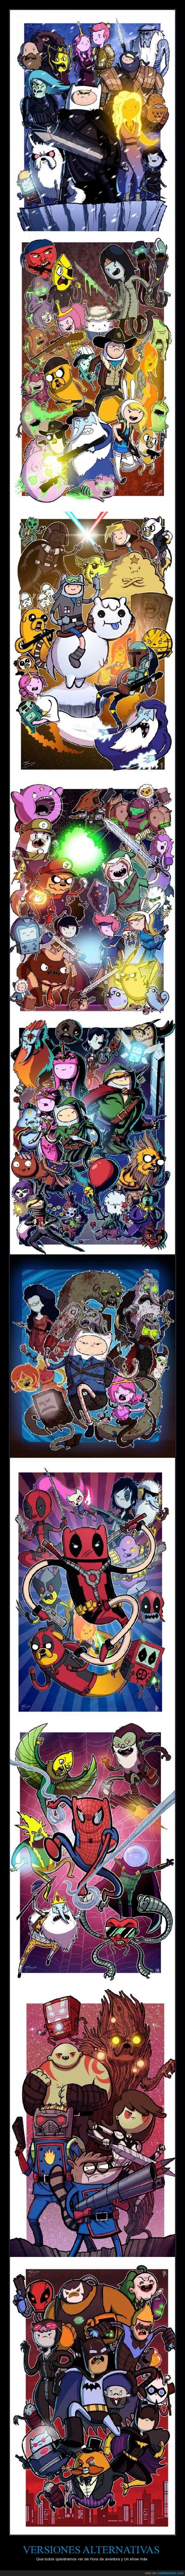 batman,deadpool,evil dead,guardianes de la galaxia,hora de aventura,juegos de tronos,nintendo,smash bros,spider-man,star wars,the legend of zelda,the walking dead,un show mas.